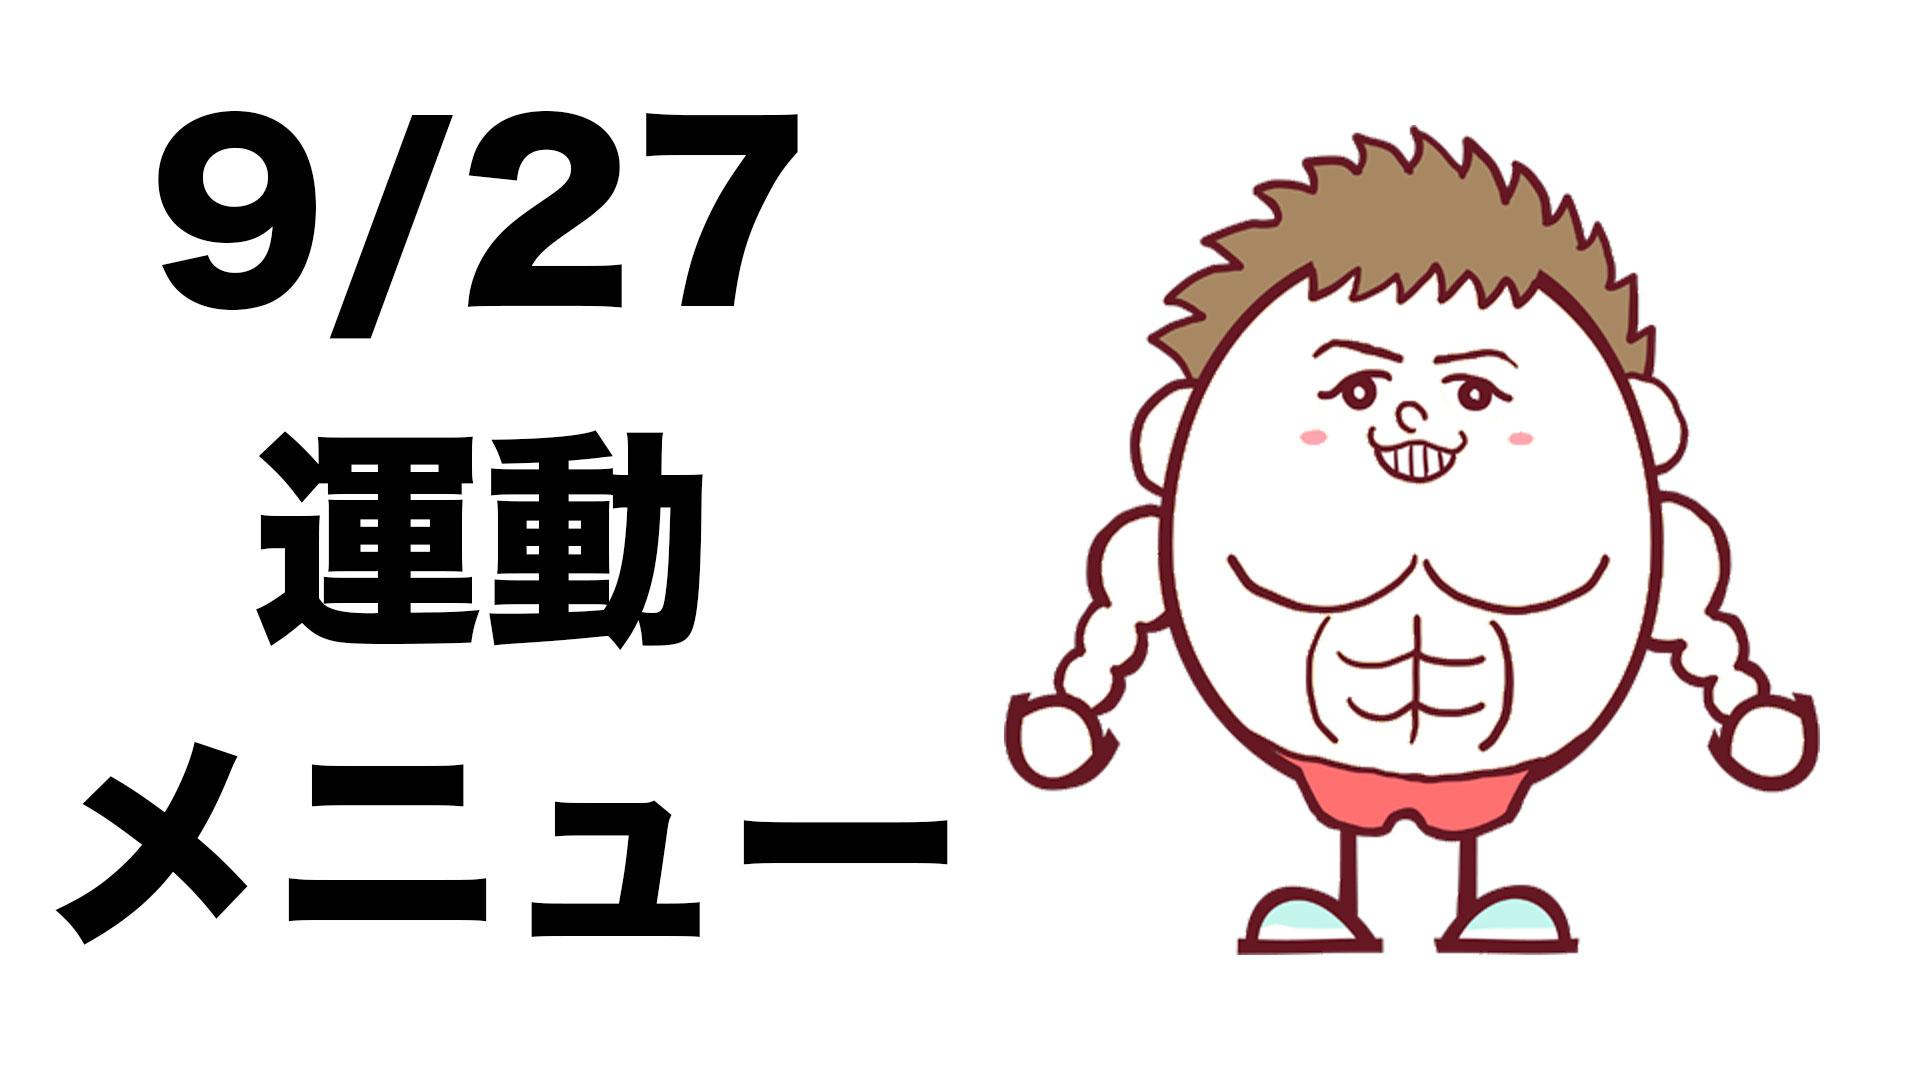 【ハロウィン筋トレ】9/27の腹筋を割る運動メニュー!